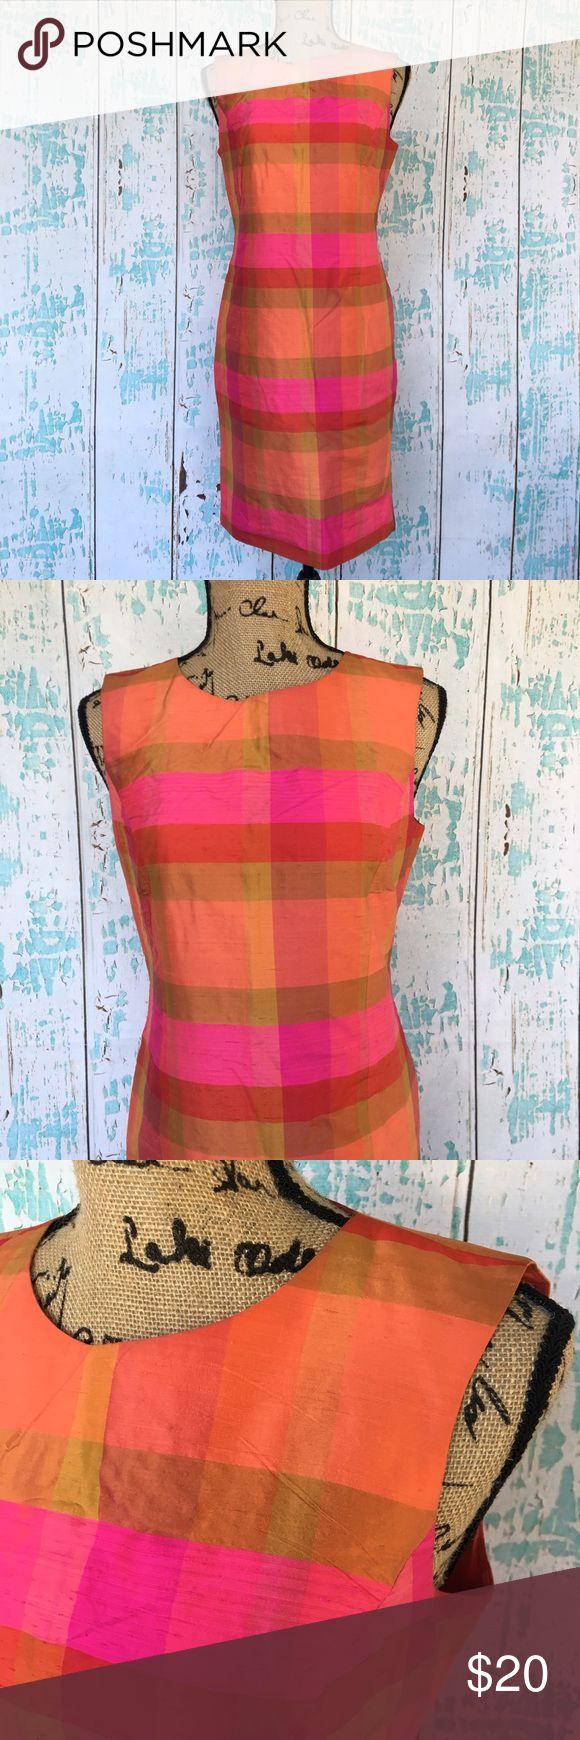 Liz Claiborne linen block color plaid like dress Liz Claiborne linen block color plaid like dress size 4 Liz Claiborne Dresses Midi